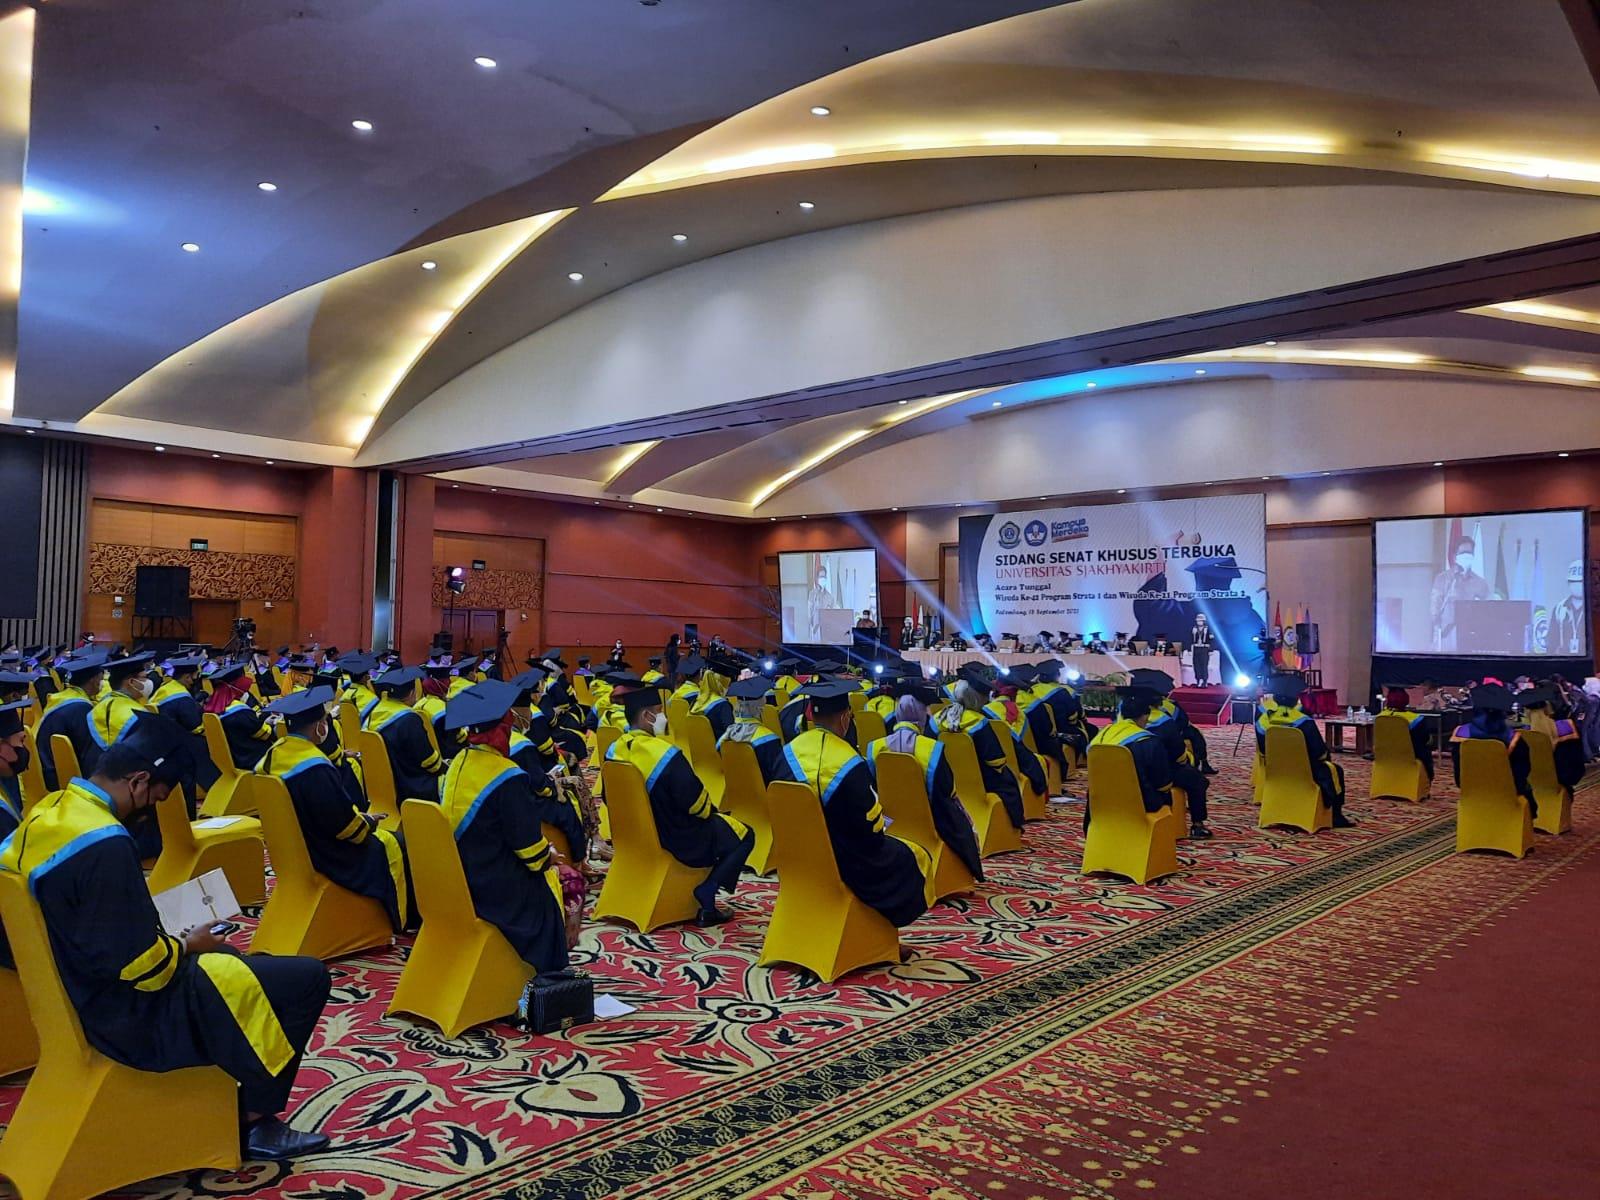 sebanyak 591 Mahasiswa Universitas Sjahkyakirti diwisuda, bertempat di Hotel Arya Duta Palembang, Sabtu [18/9].